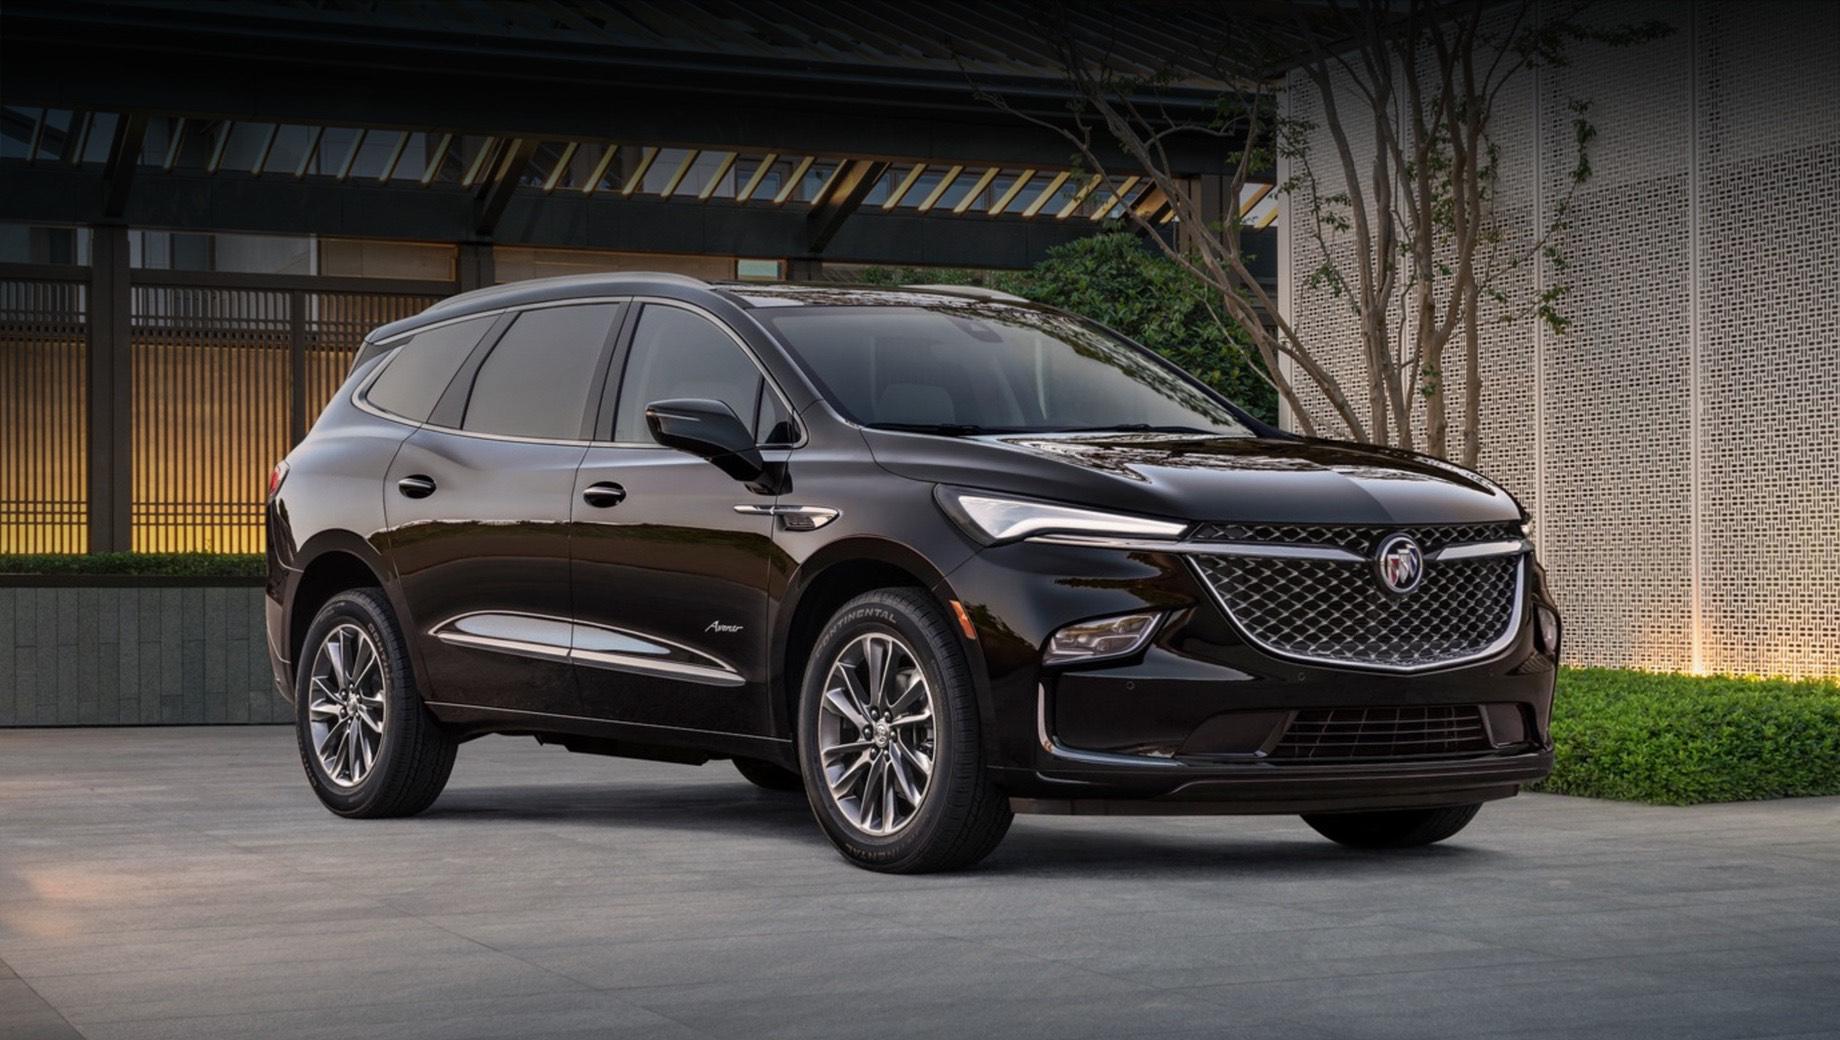 Buick Enclave серьёзно изменился внешне после рестайлинга